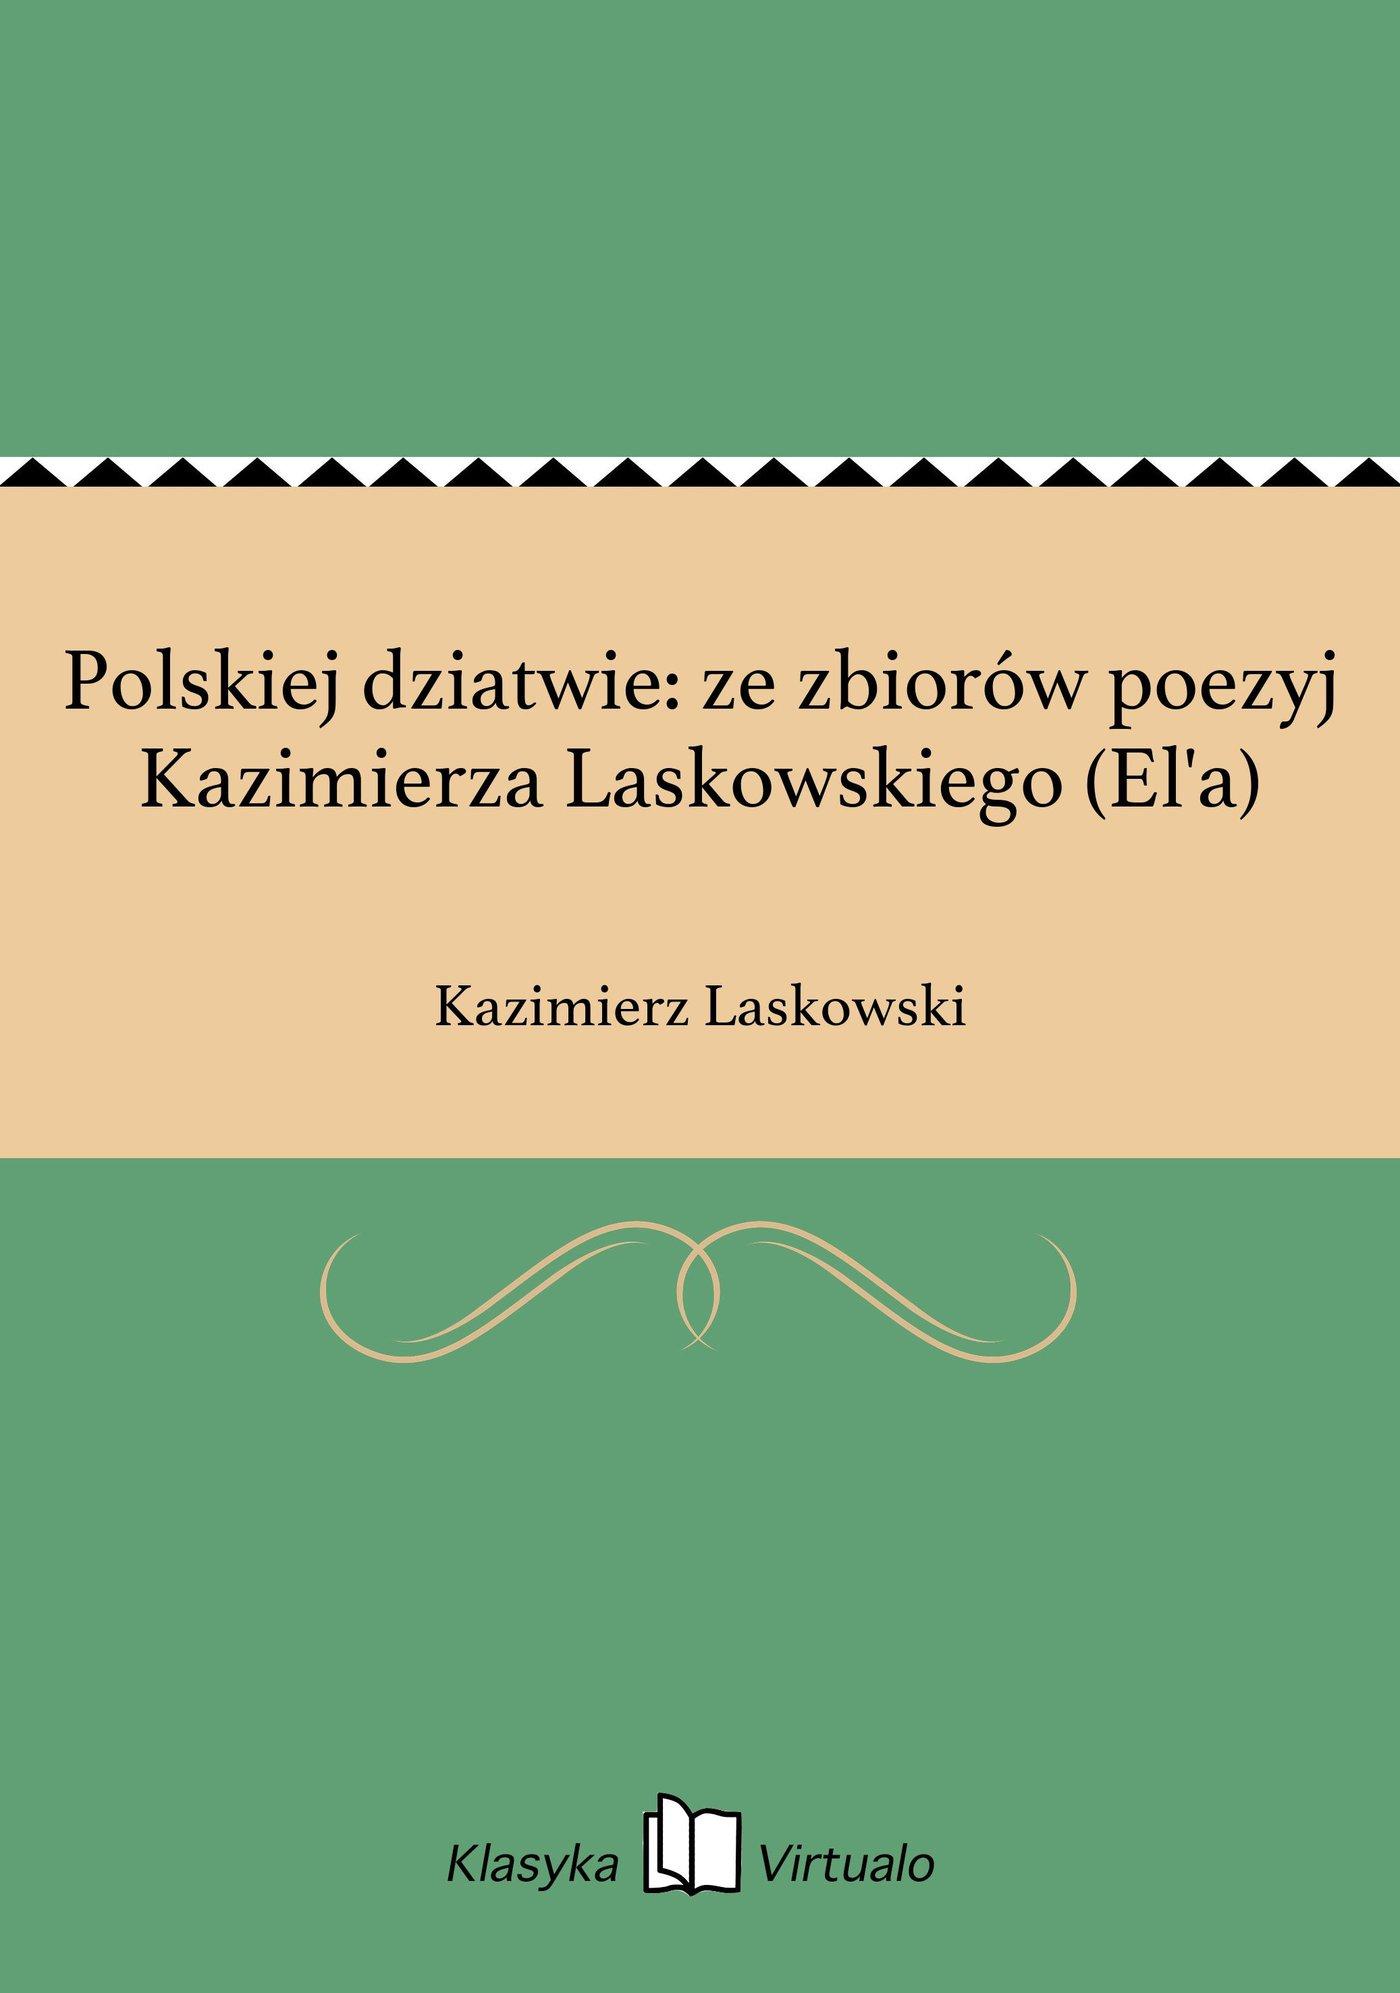 Polskiej dziatwie: ze zbiorów poezyj Kazimierza Laskowskiego (El'a) - Ebook (Książka EPUB) do pobrania w formacie EPUB